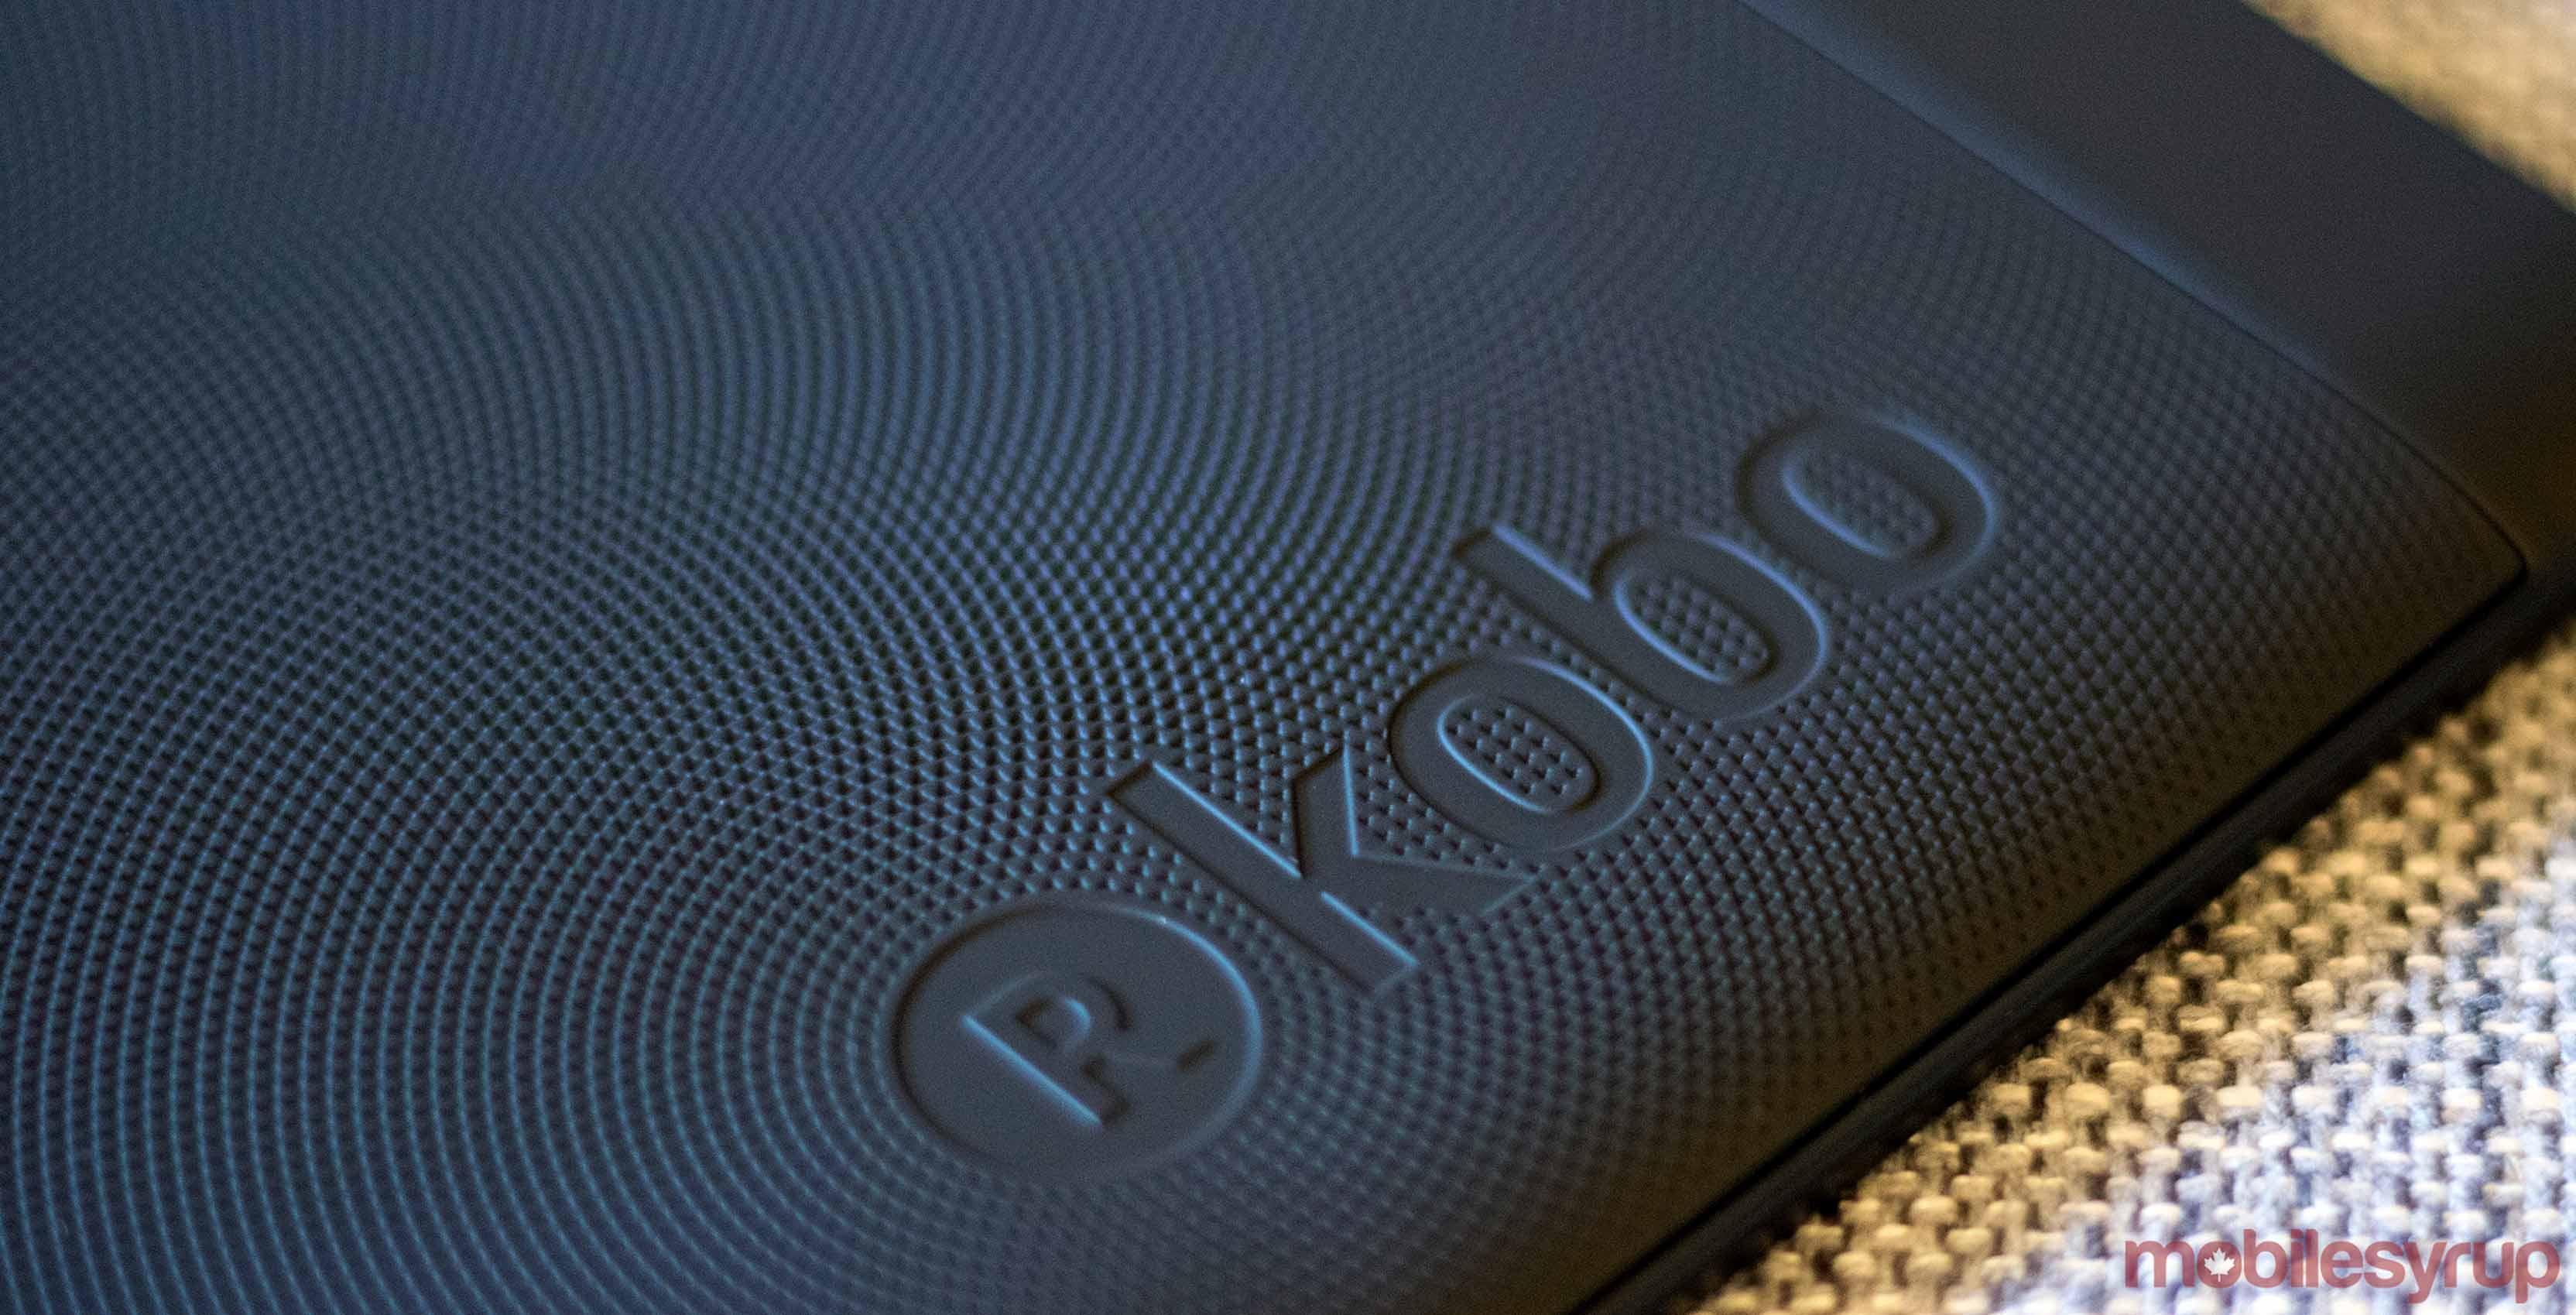 Kobo logo as it appears on the Kobo Aura e-reader